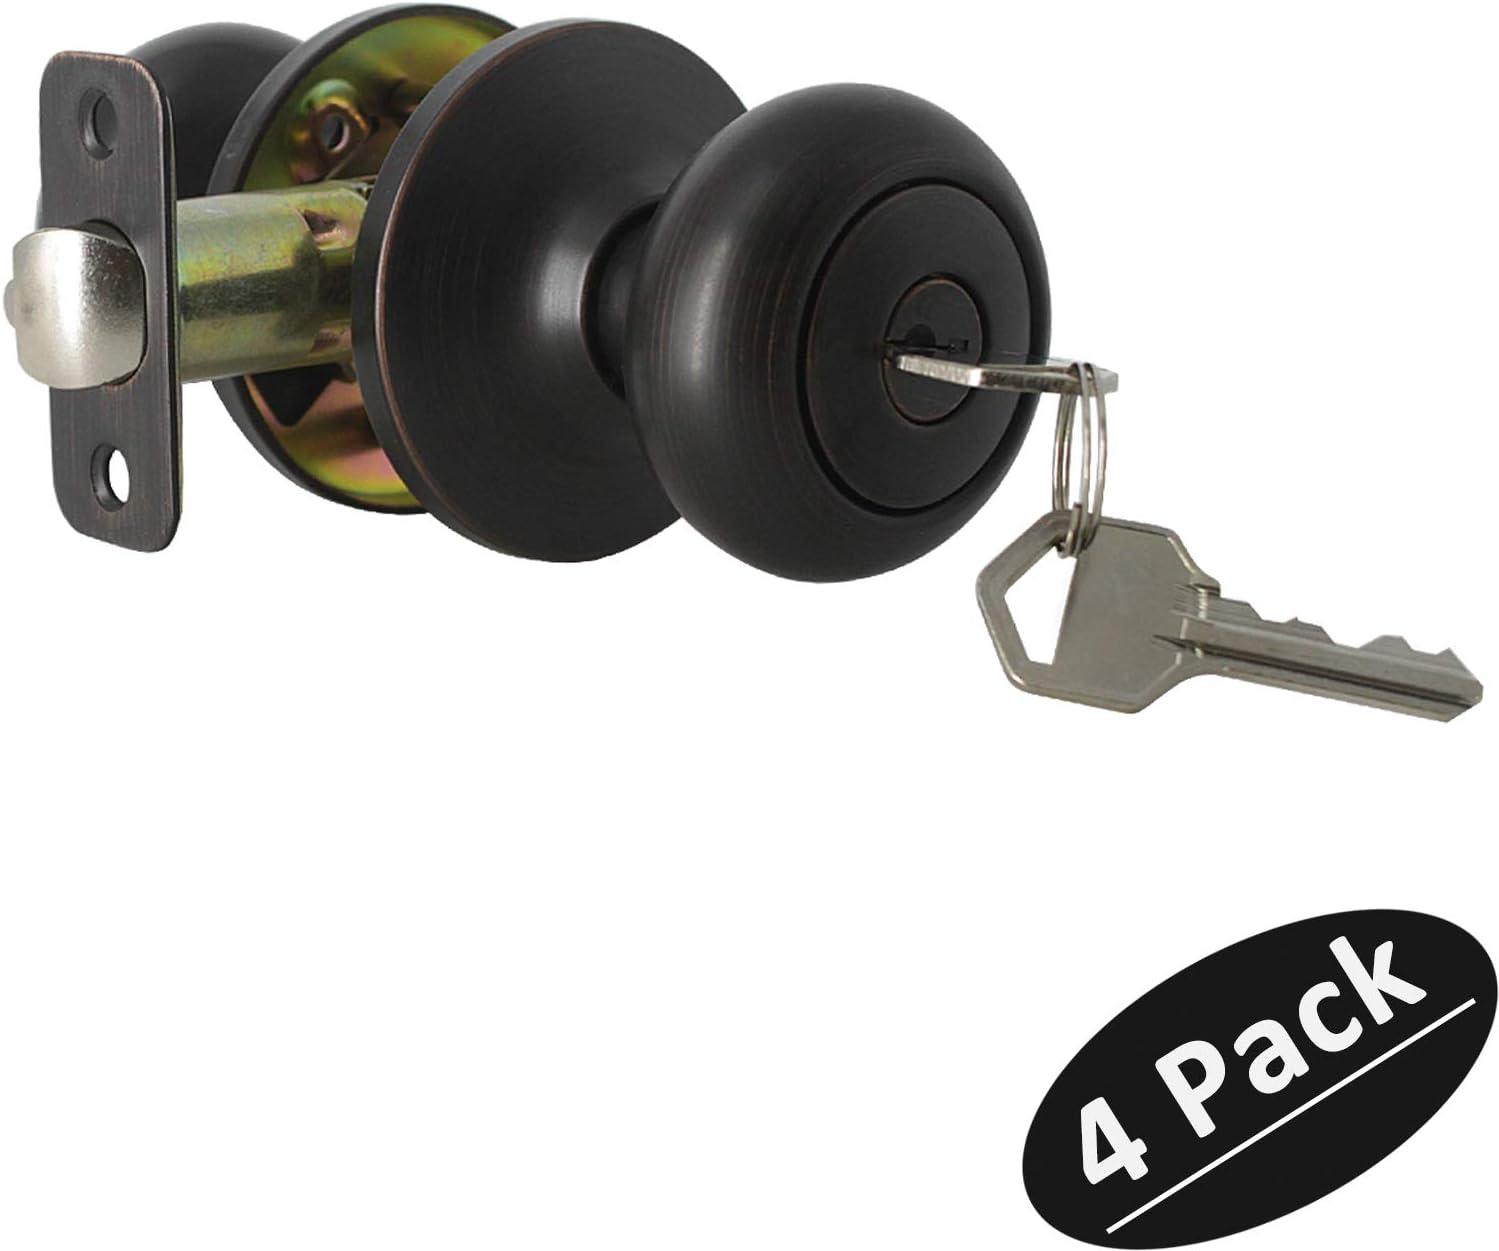 Keyed Entry Door Lock Classic Biscuit Exterior Door Knob Handle in Oil Rubbed Bronze,Keyed Alike, 4 Pack